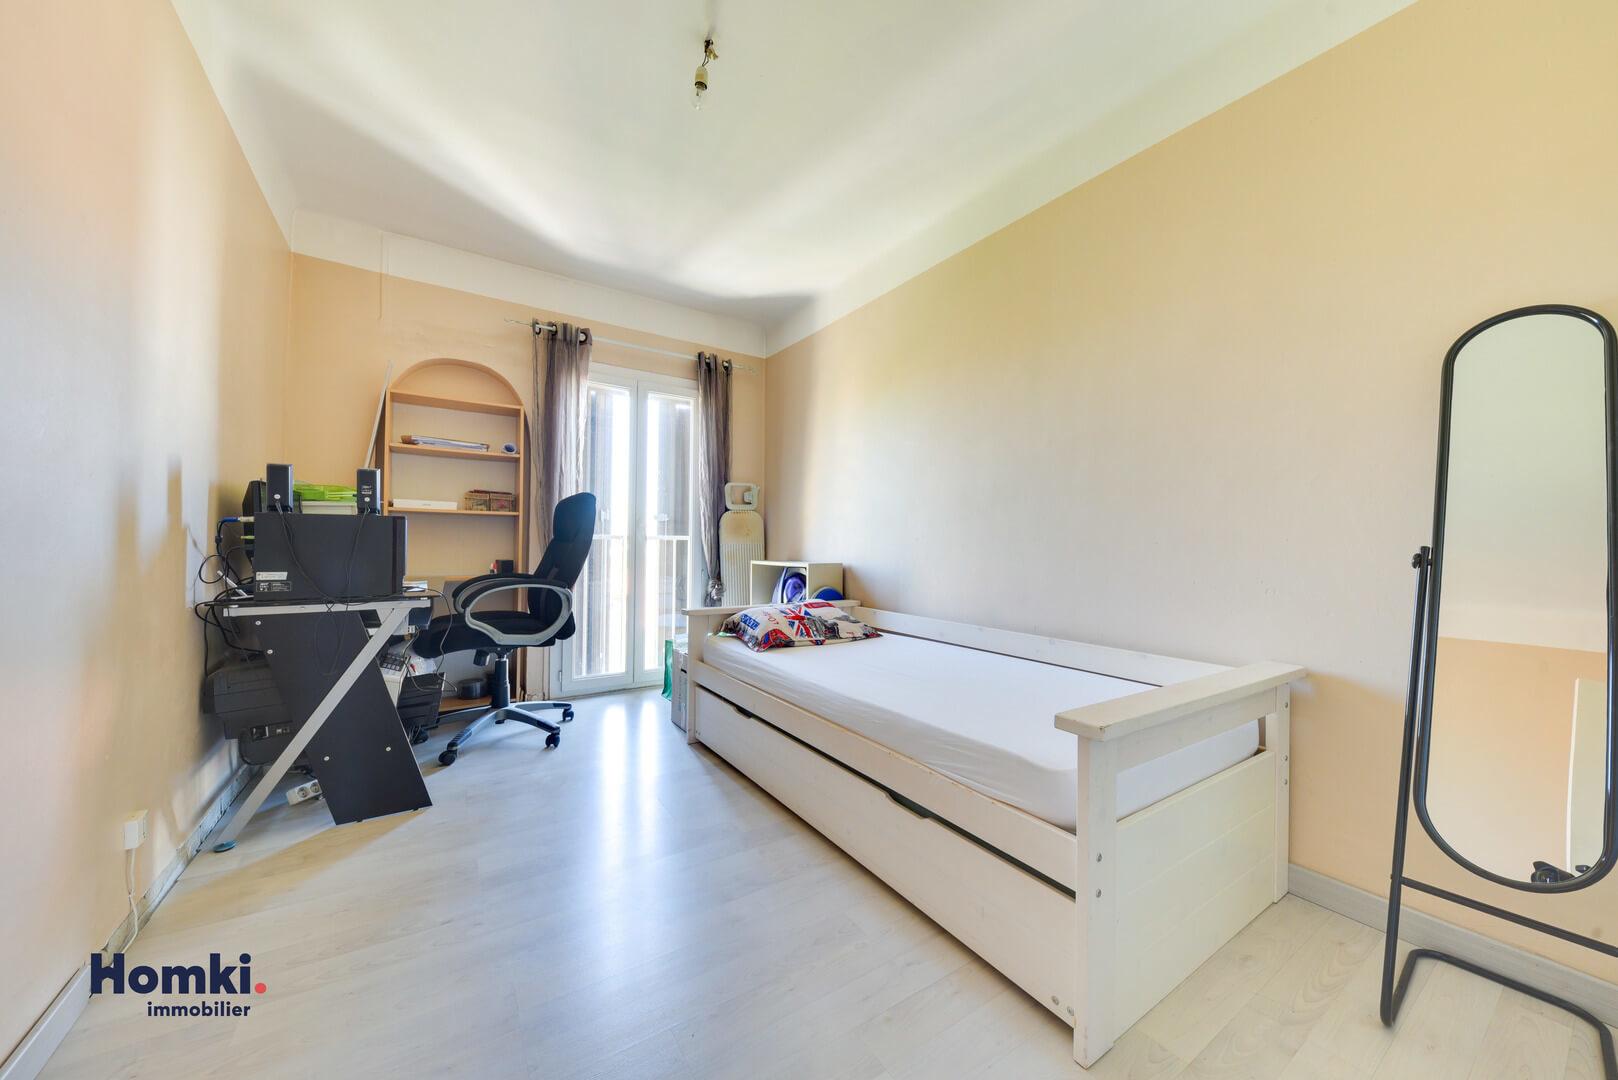 Vente Appartement 54 m² T3 13015_8